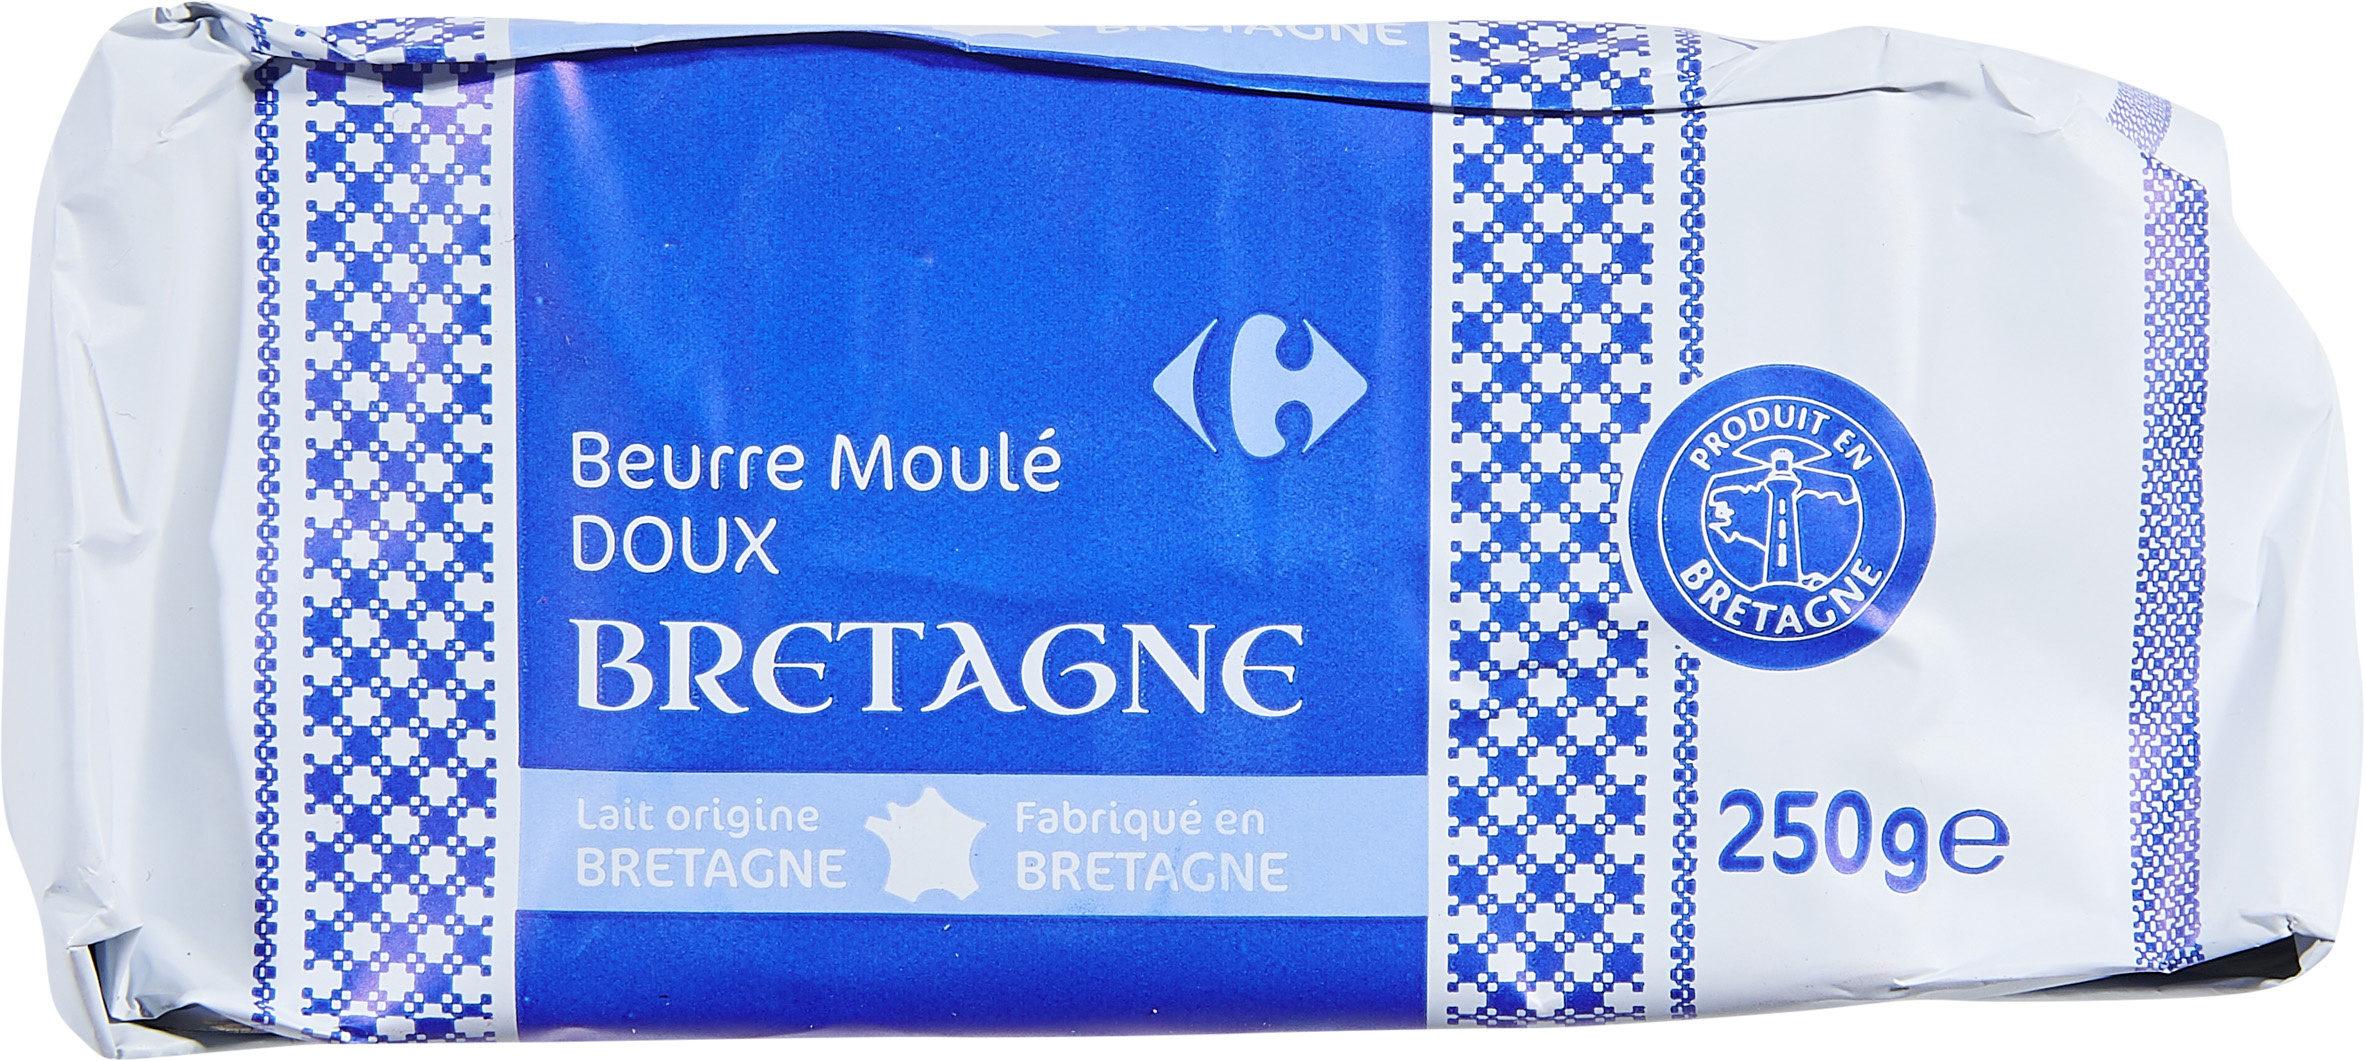 Beurre Moulé Doux Bretagne - Product - fr